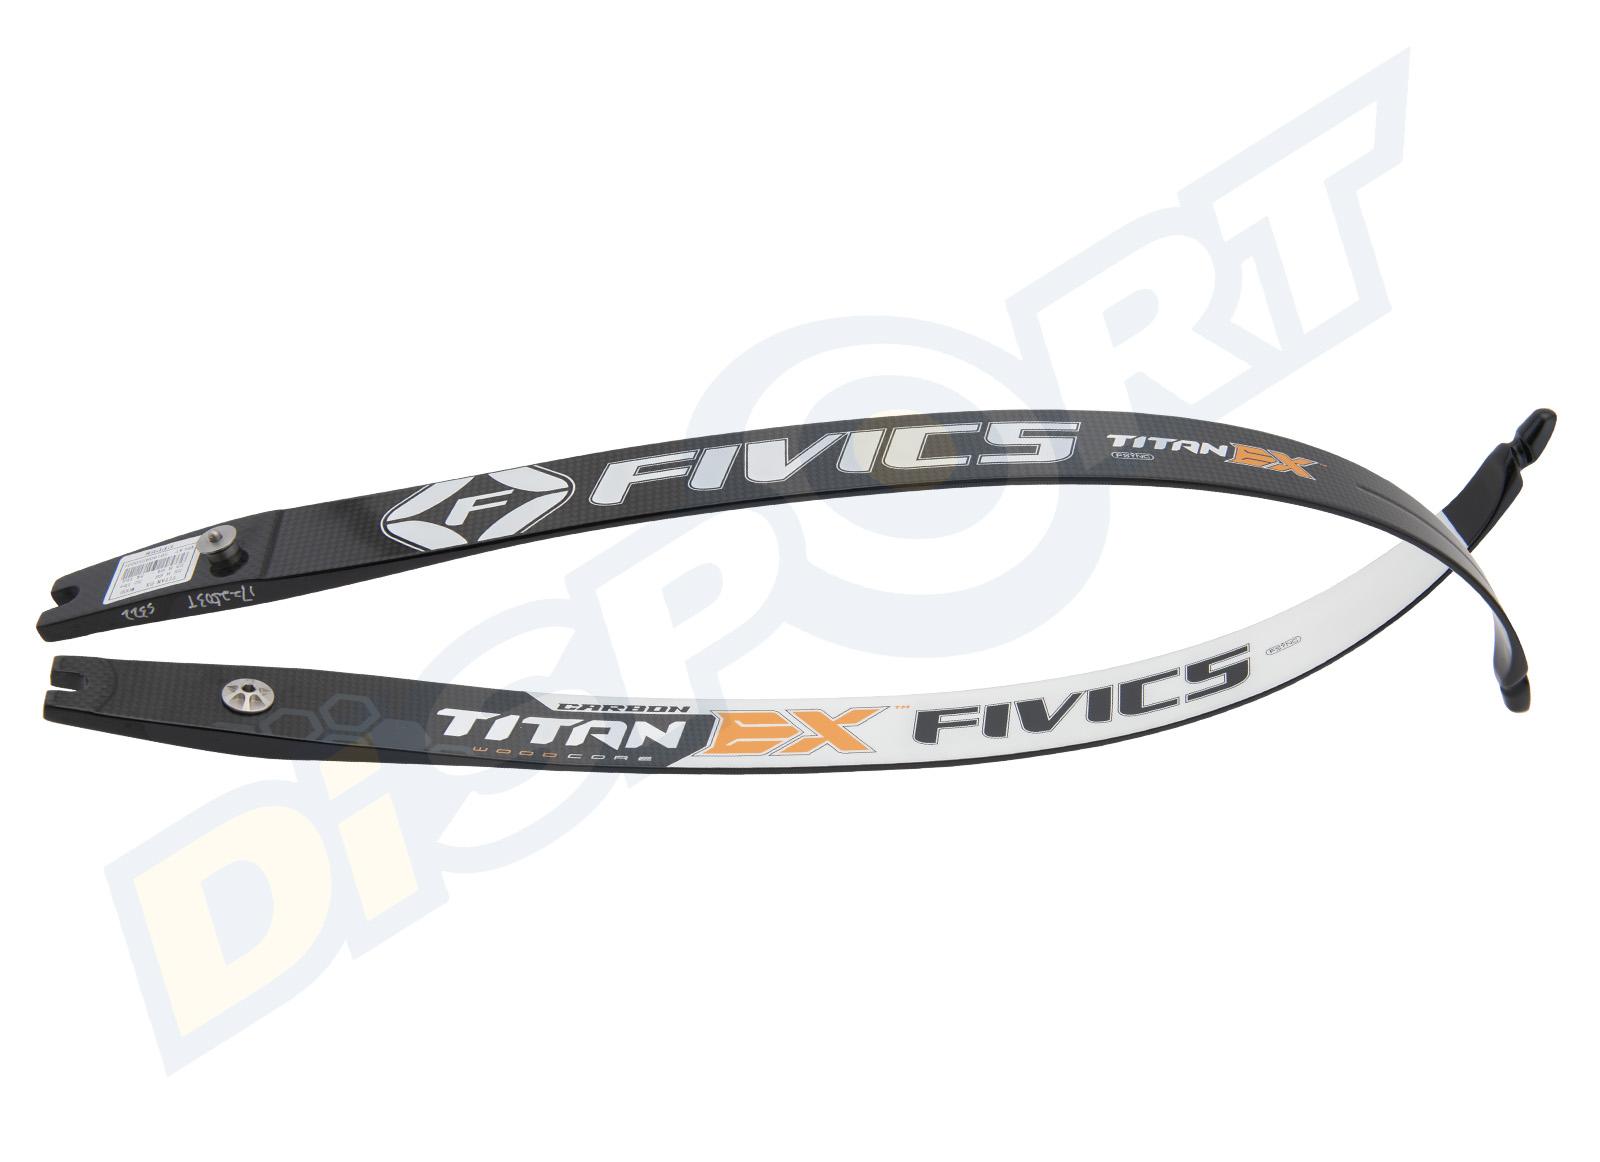 FIVICS FLETTENTI TITAN EX CARBON WOOD